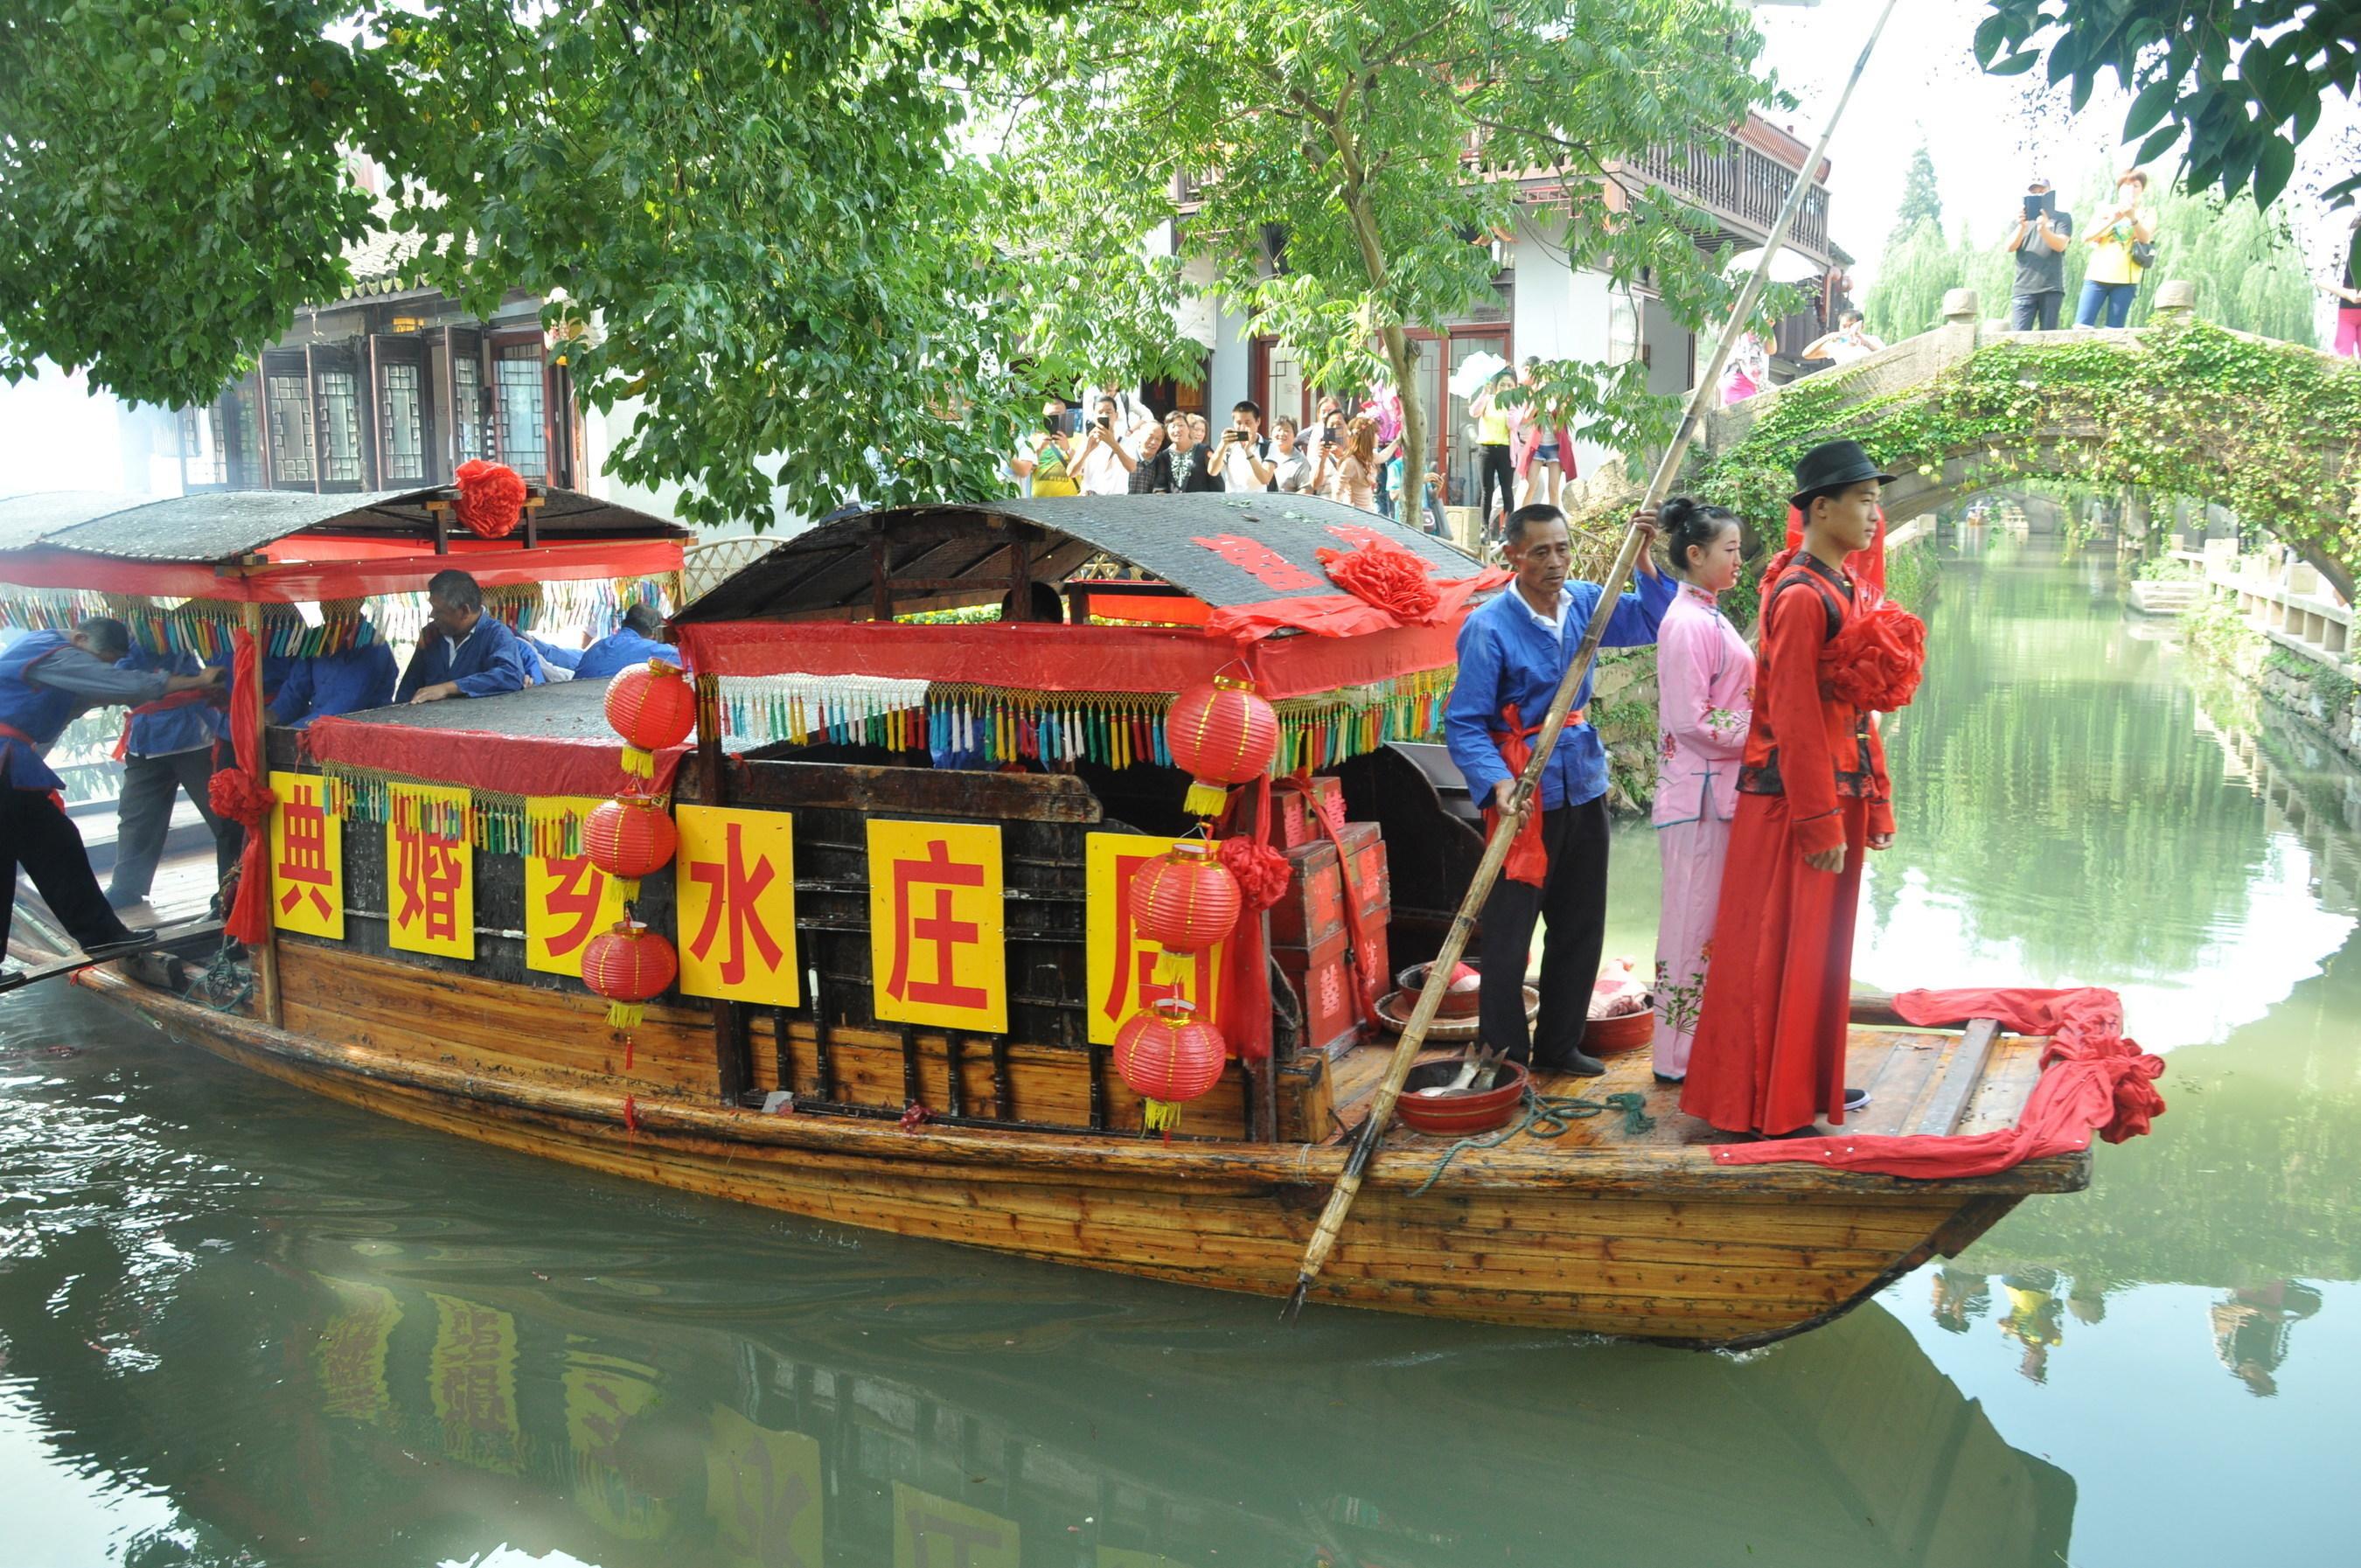 Hochzeit in Wasserstadt Zhouzhuang ehrt Tradition und Volksbräuche